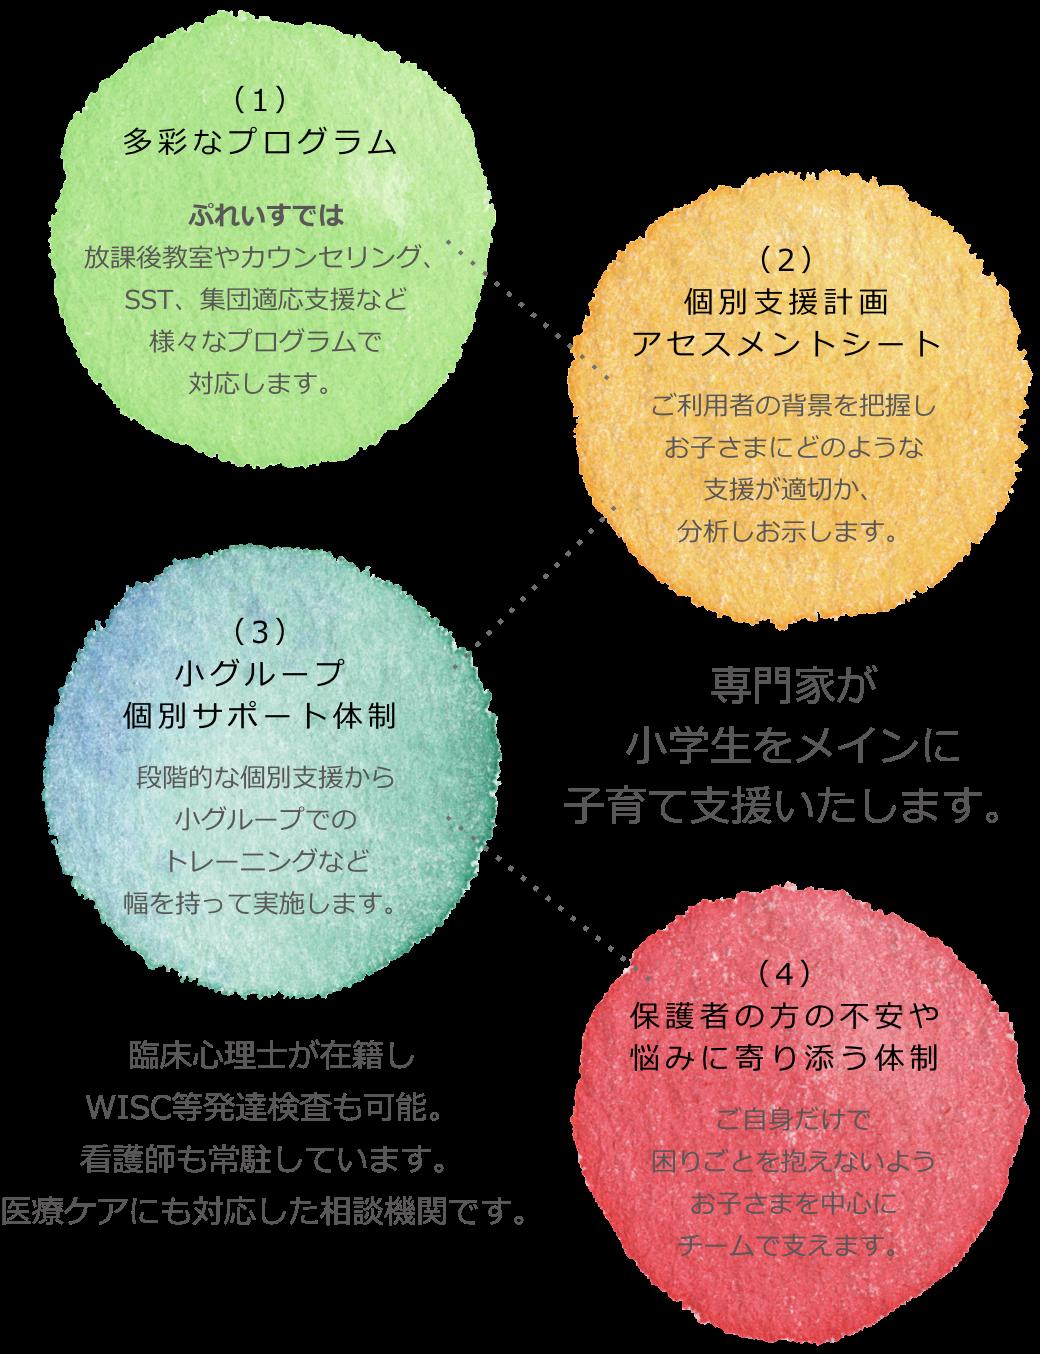 (1)多彩なプログラム(2)個別支援計画アセスメントシート(3)小グループ個別サポート体制(3)小グループ個別サポート体制